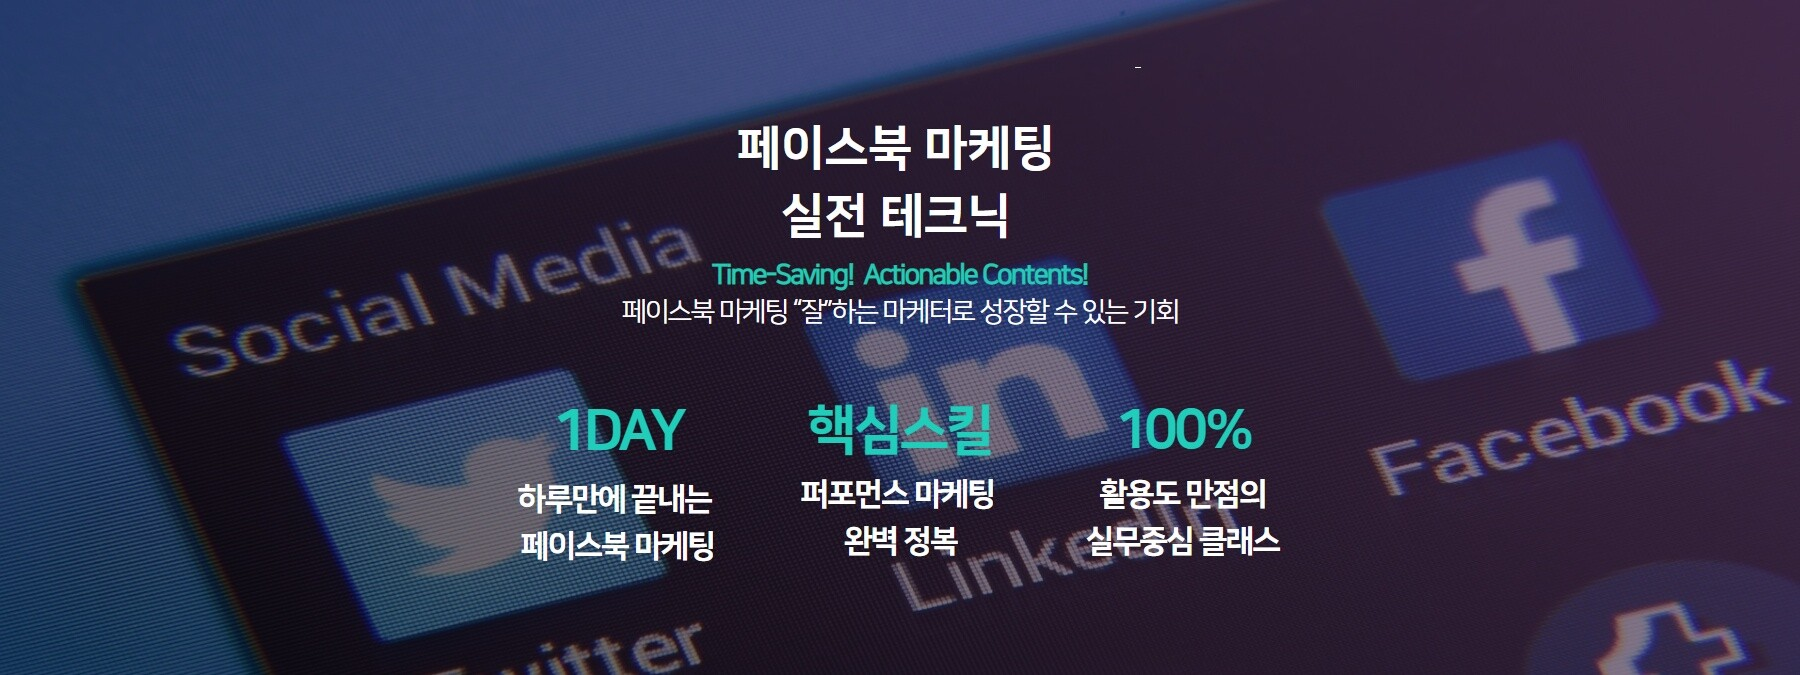 2020.03.05(목) 페이스북 마케팅 실전 테크닉